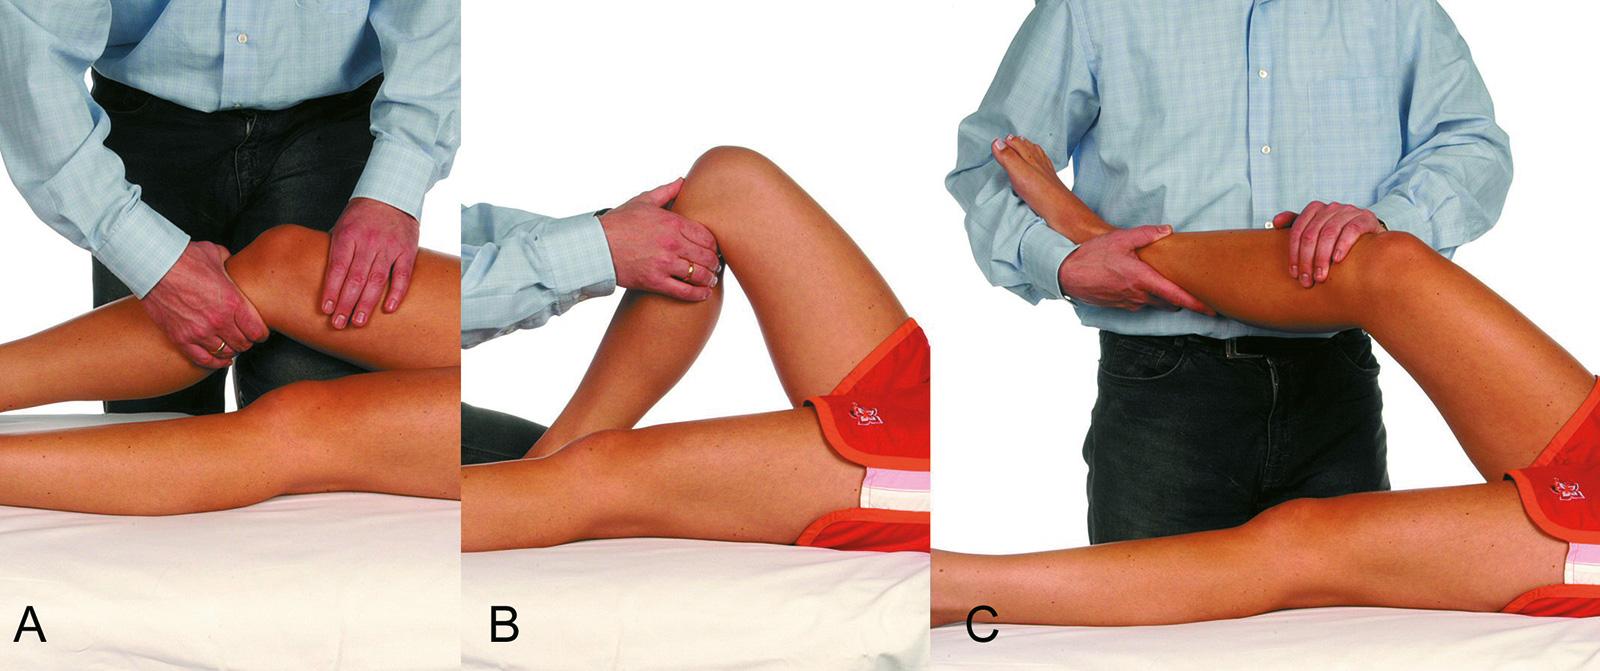 Abb. 2-40: Untersuchung des Kniegelenks: Lachmann Test (A), vordere Schublade (B), Pivot Shift-Test (C)